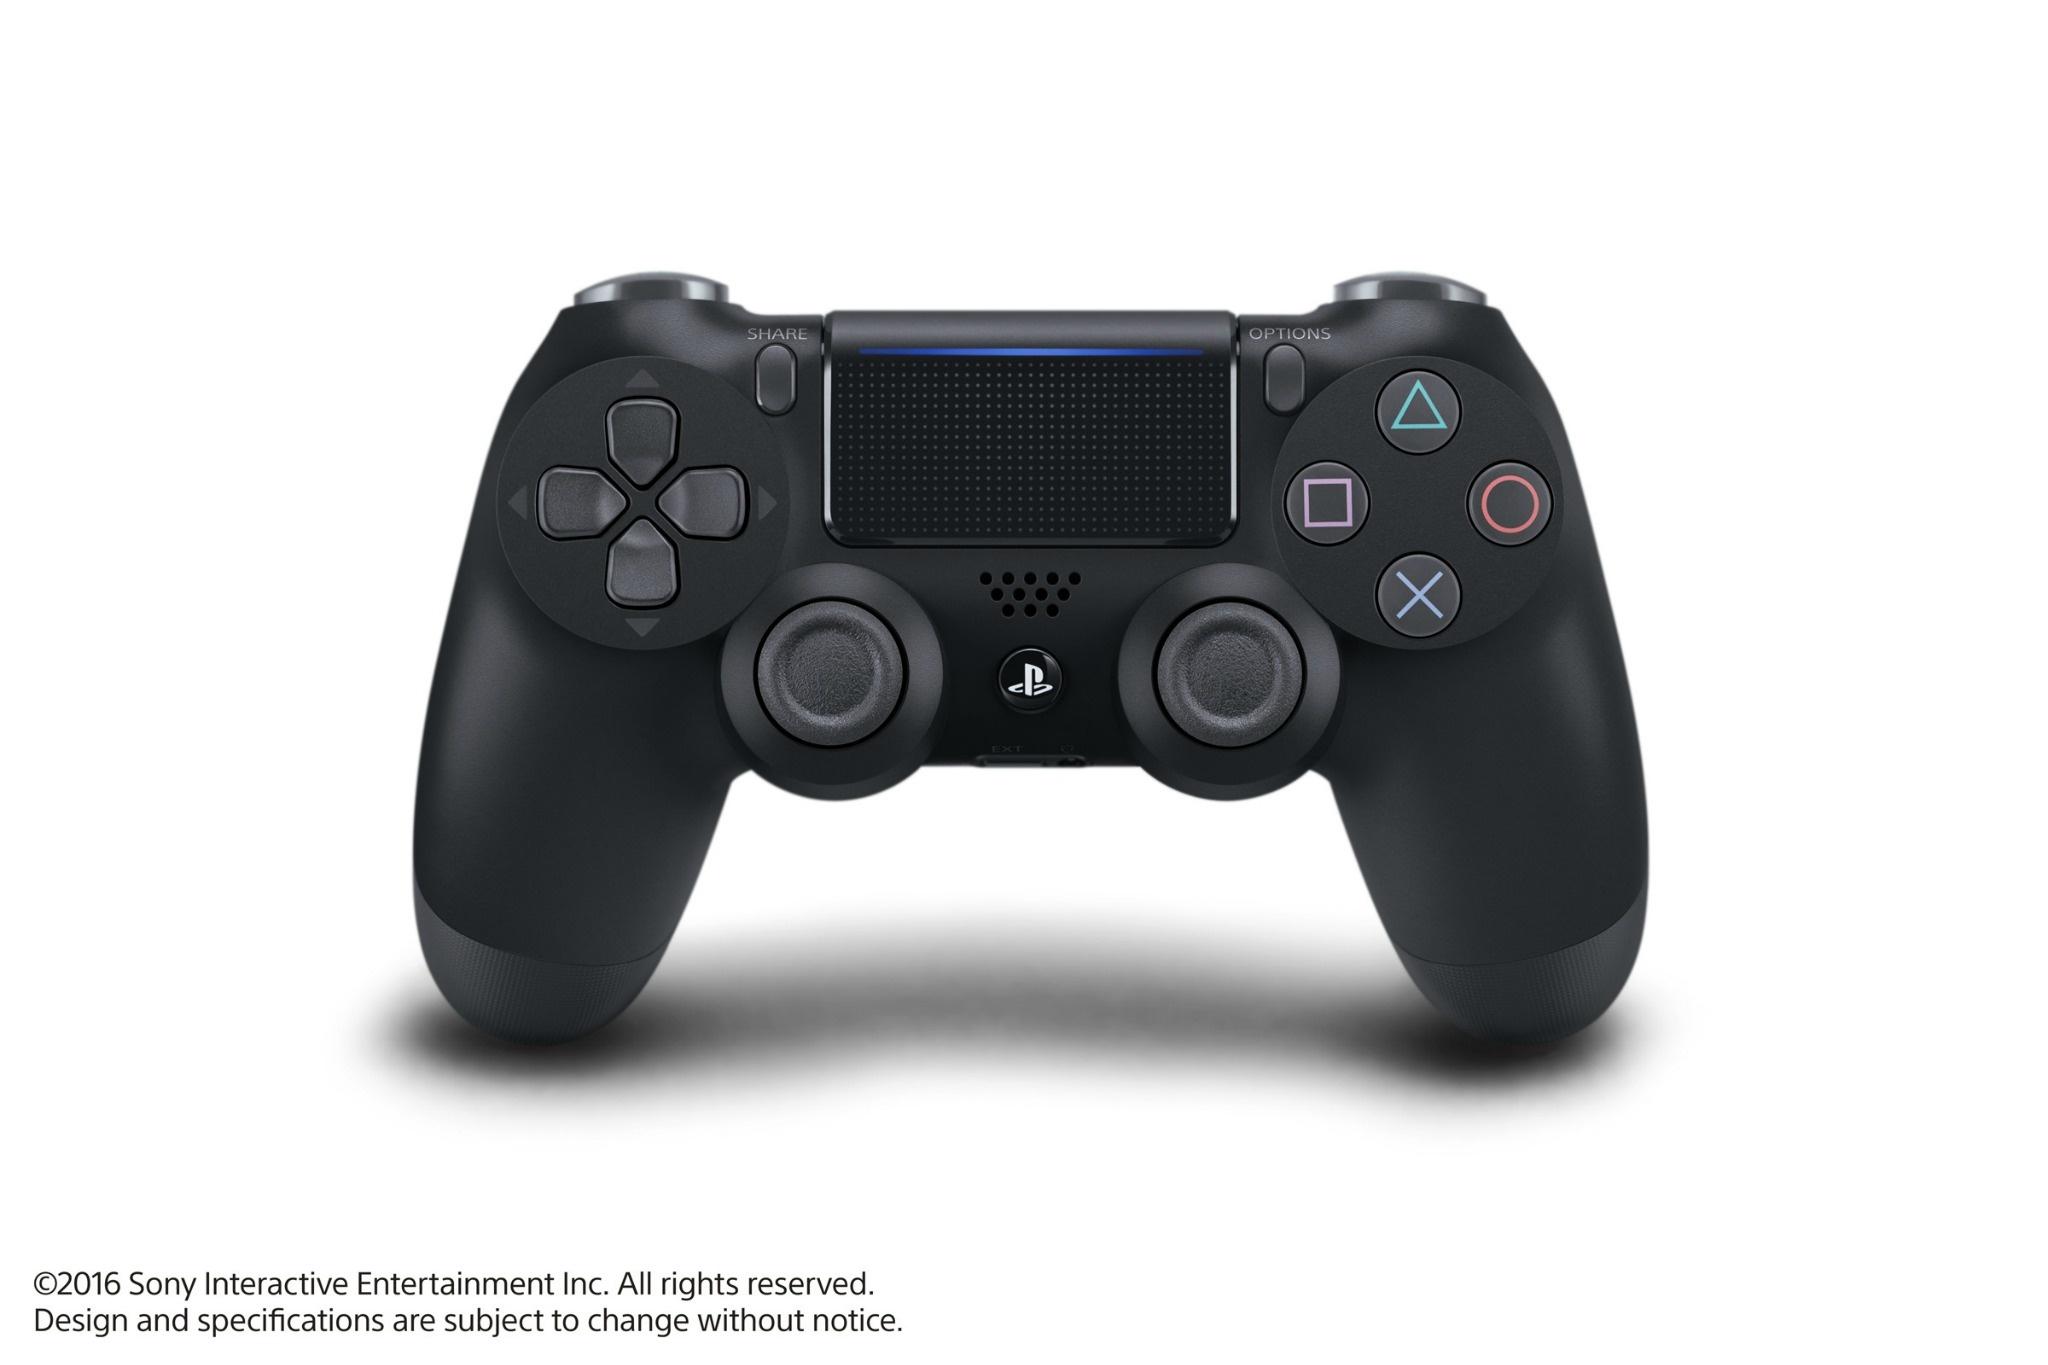 香港推出「PlayStation 4 三月出機優惠」活動,買 PS4 主機送 DS4 控制器與指定游戲